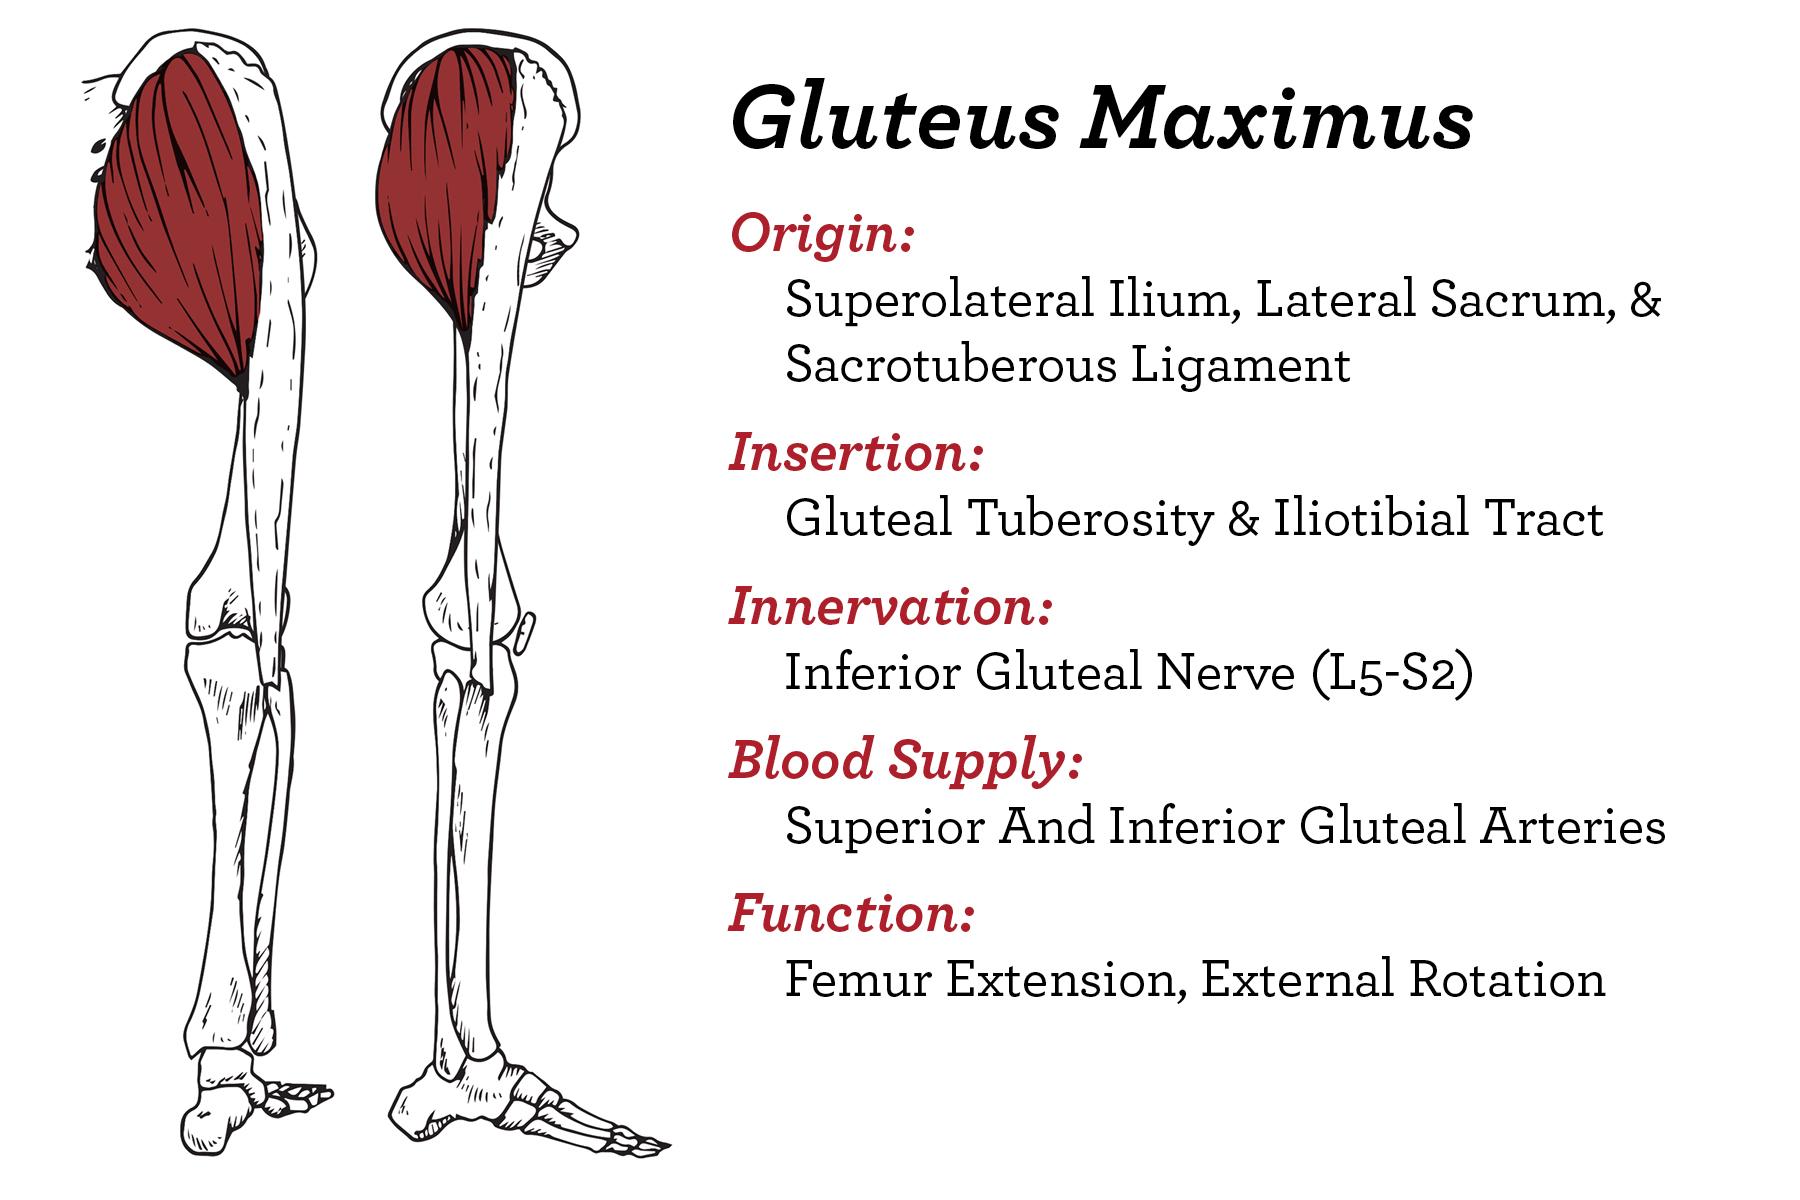 Hip- Glut Max